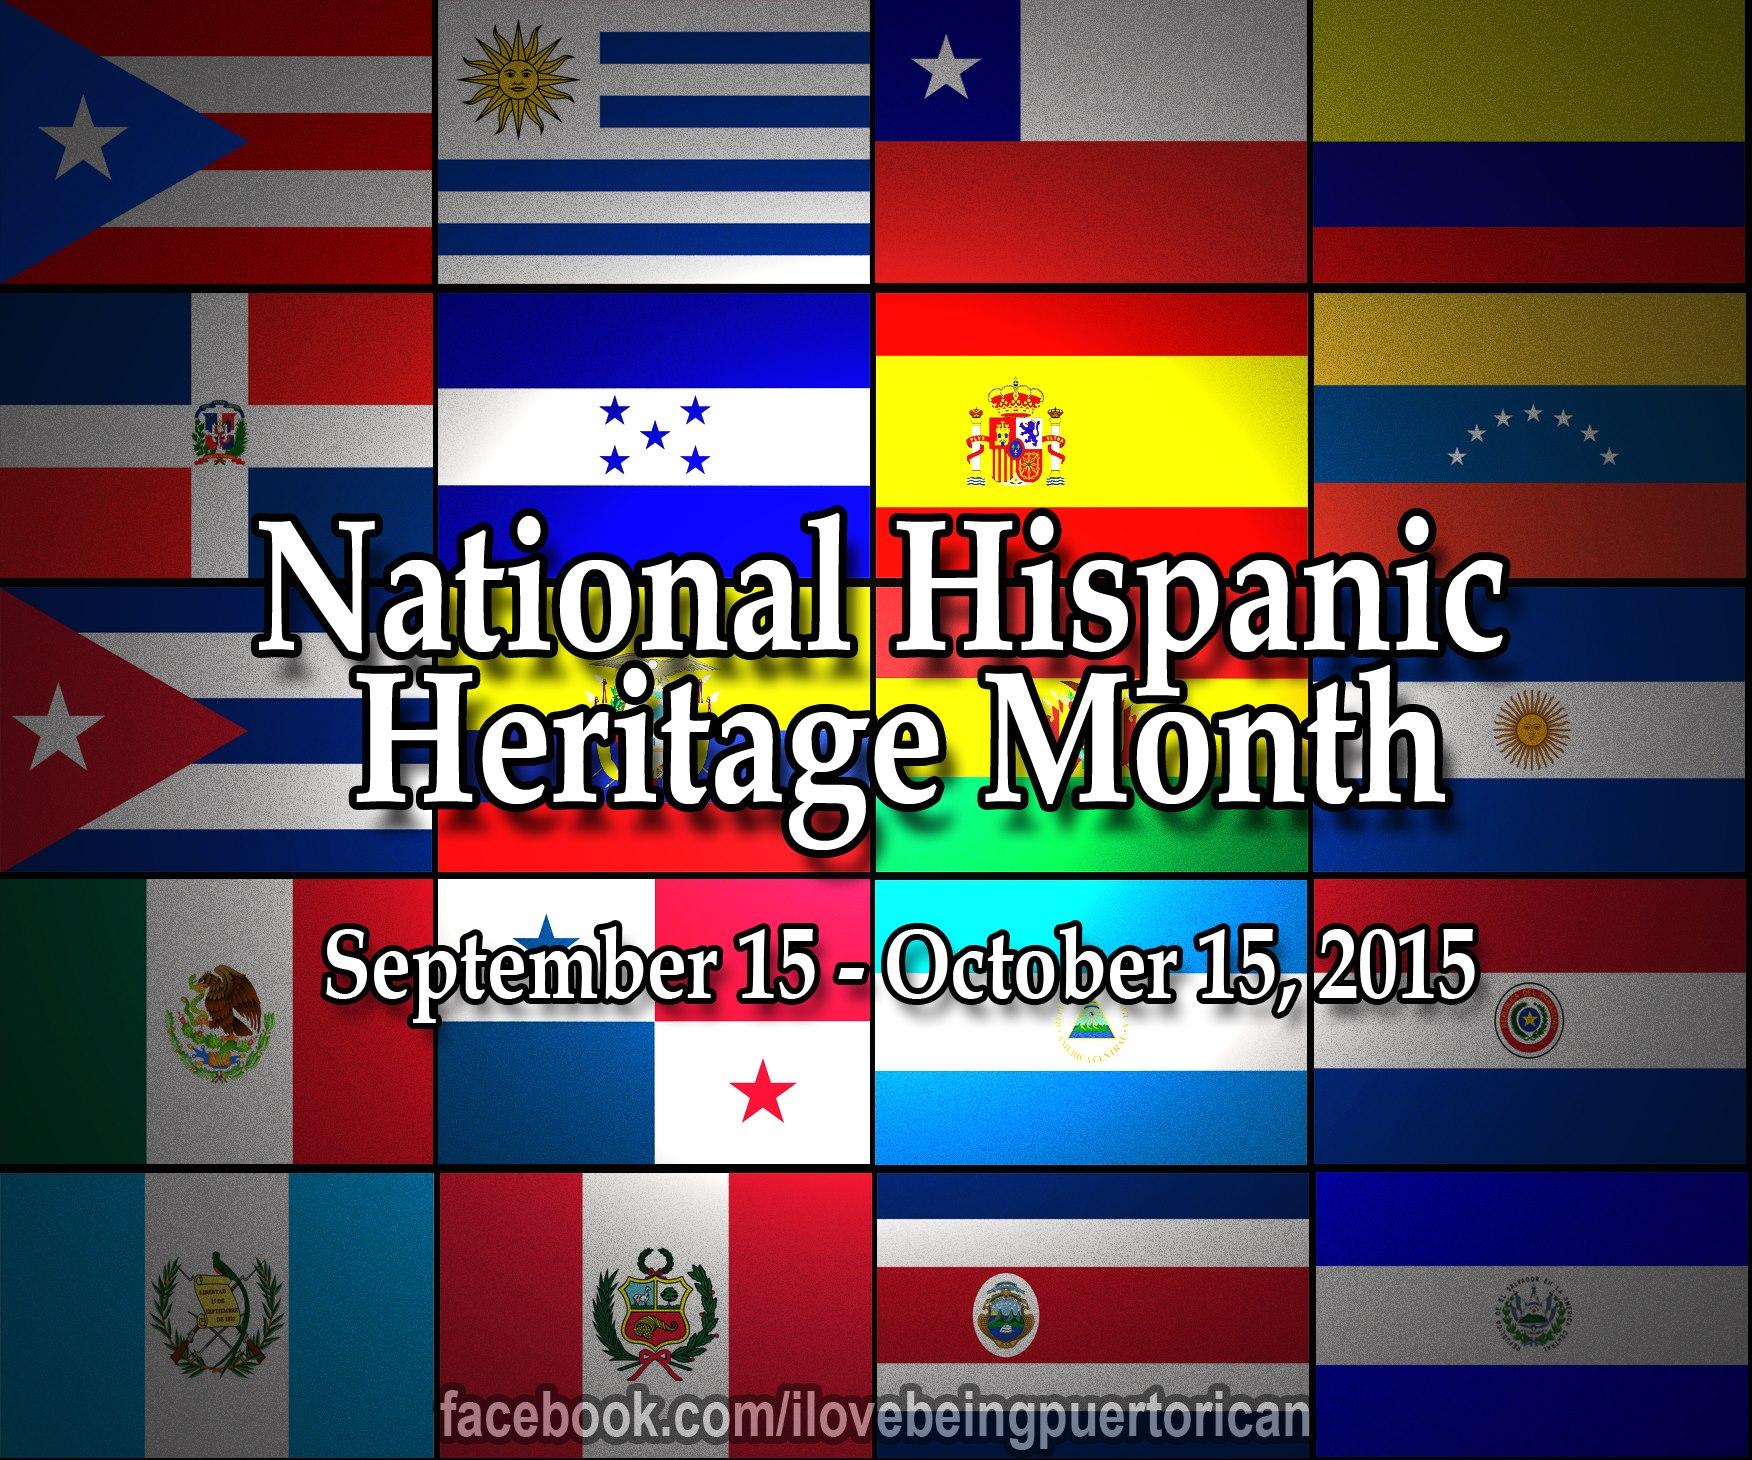 National Hispanic Heritage Month September 15 Through